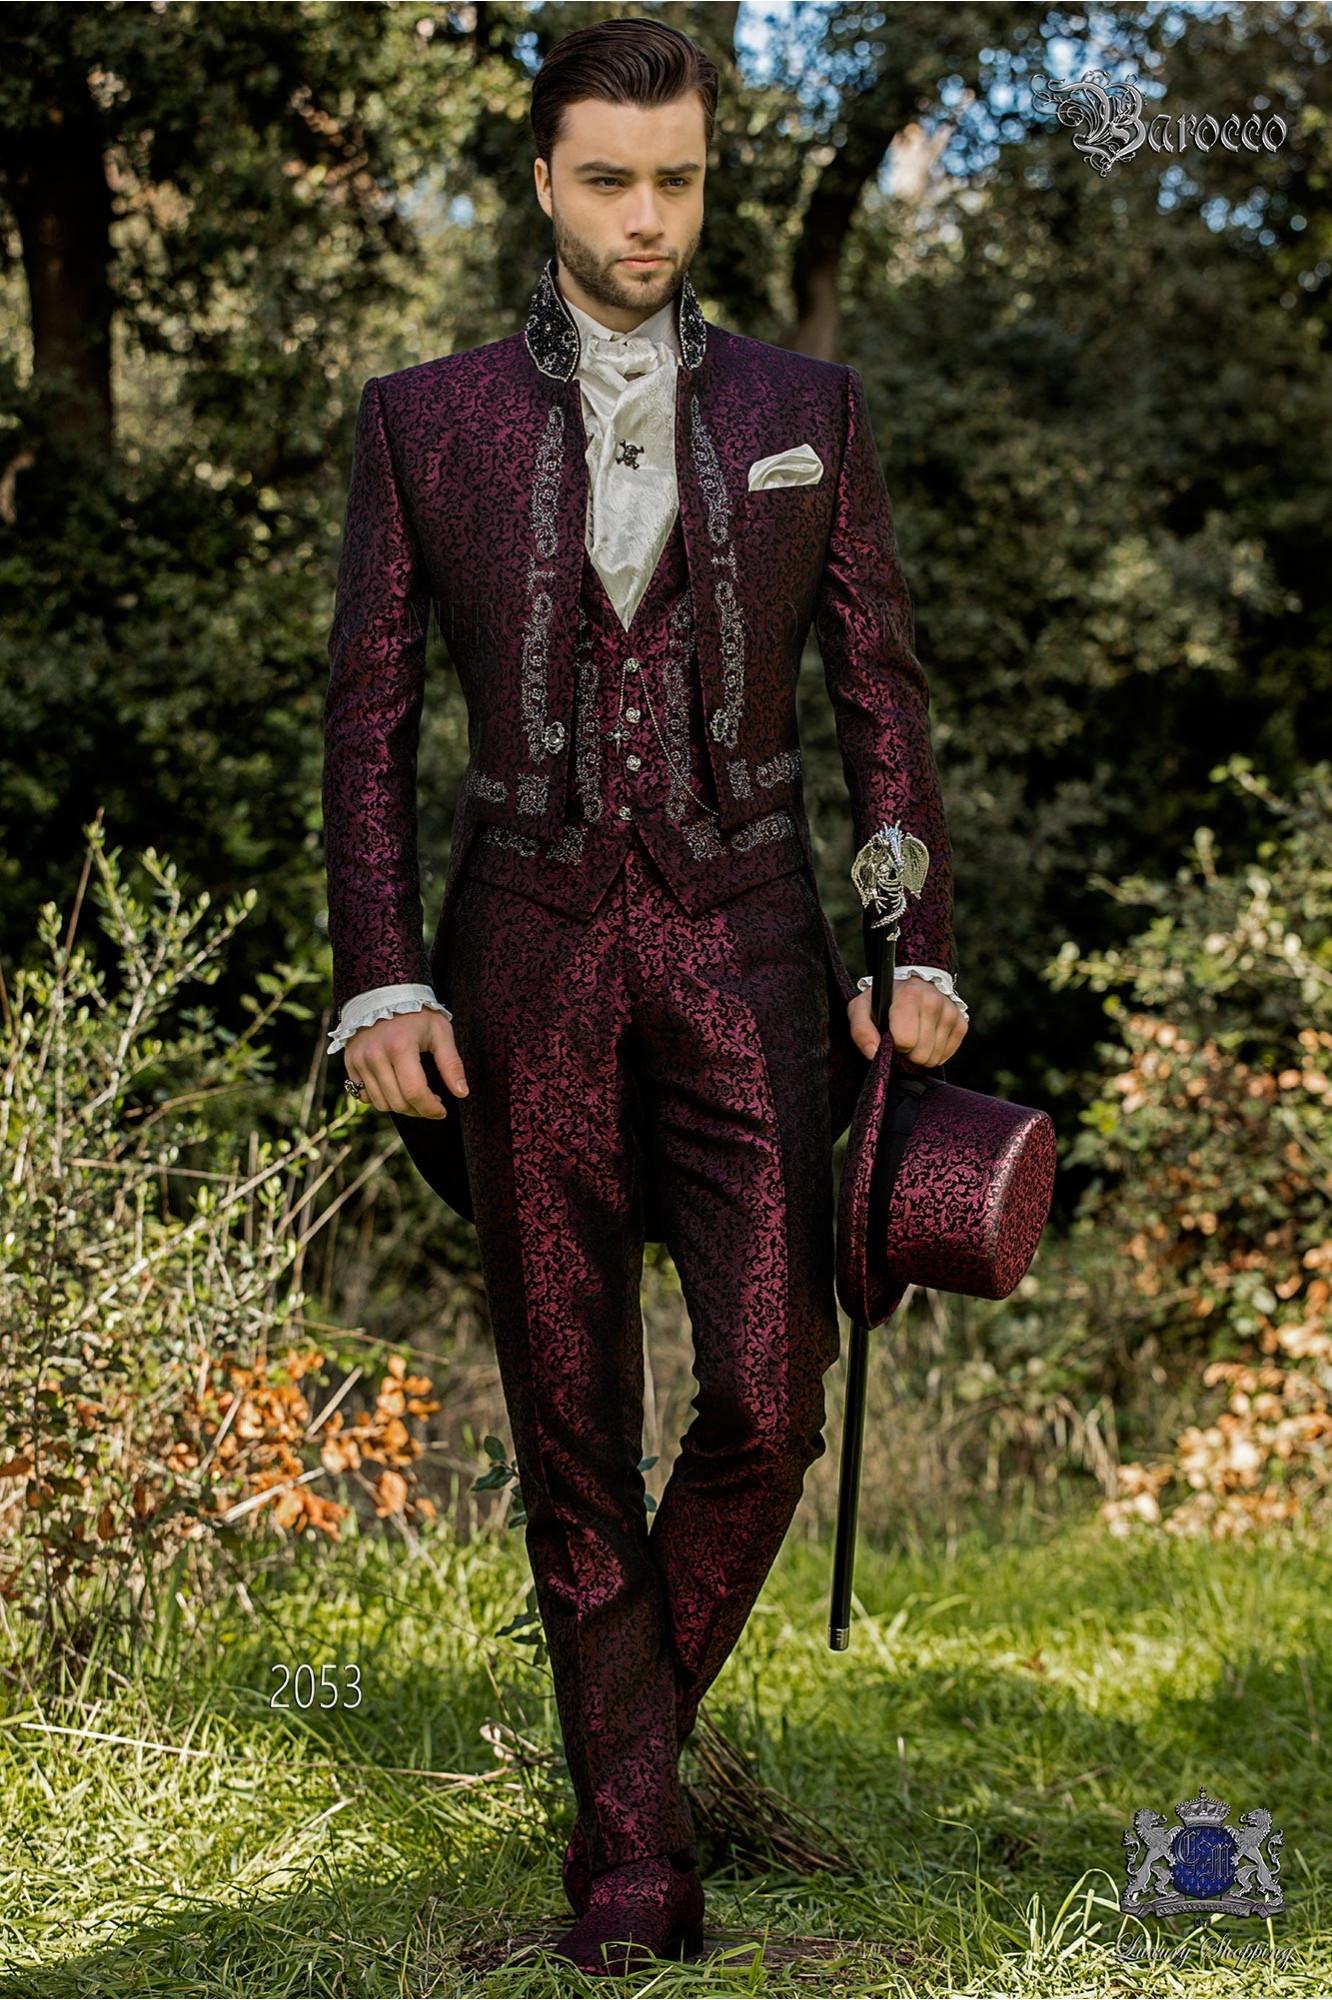 Traje de novio barroco, frac cuello mao en tejido jacquard morado con bordados plateados y pedrería cristal en cuello